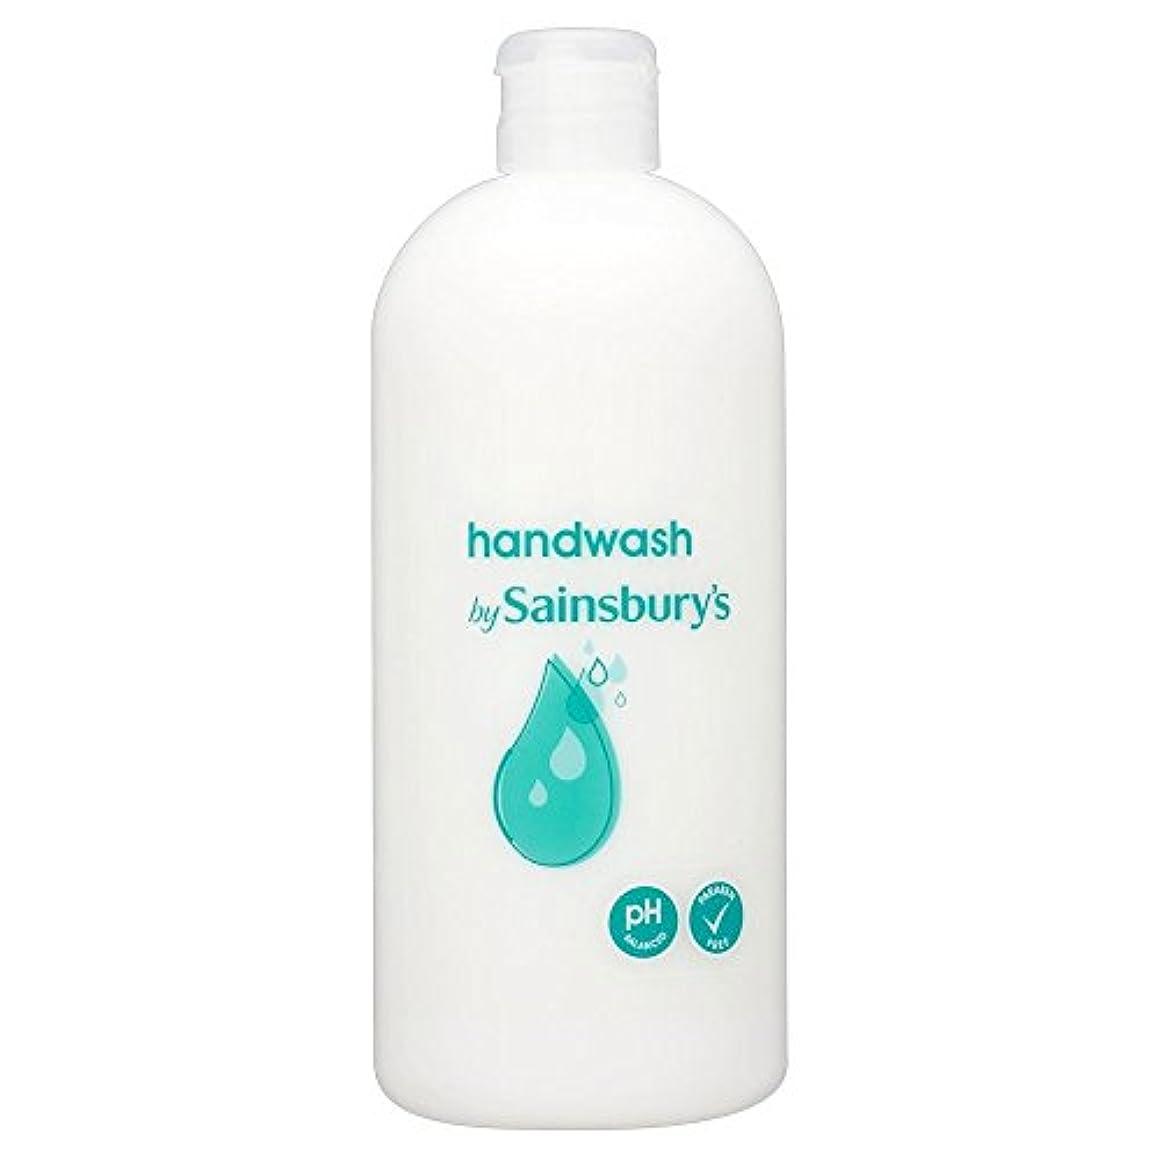 収容する収束するインテリアSainsbury's Handwash, White Refill 500ml (Pack of 4) - (Sainsbury's) 手洗い、白リフィル500ミリリットル (x4) [並行輸入品]